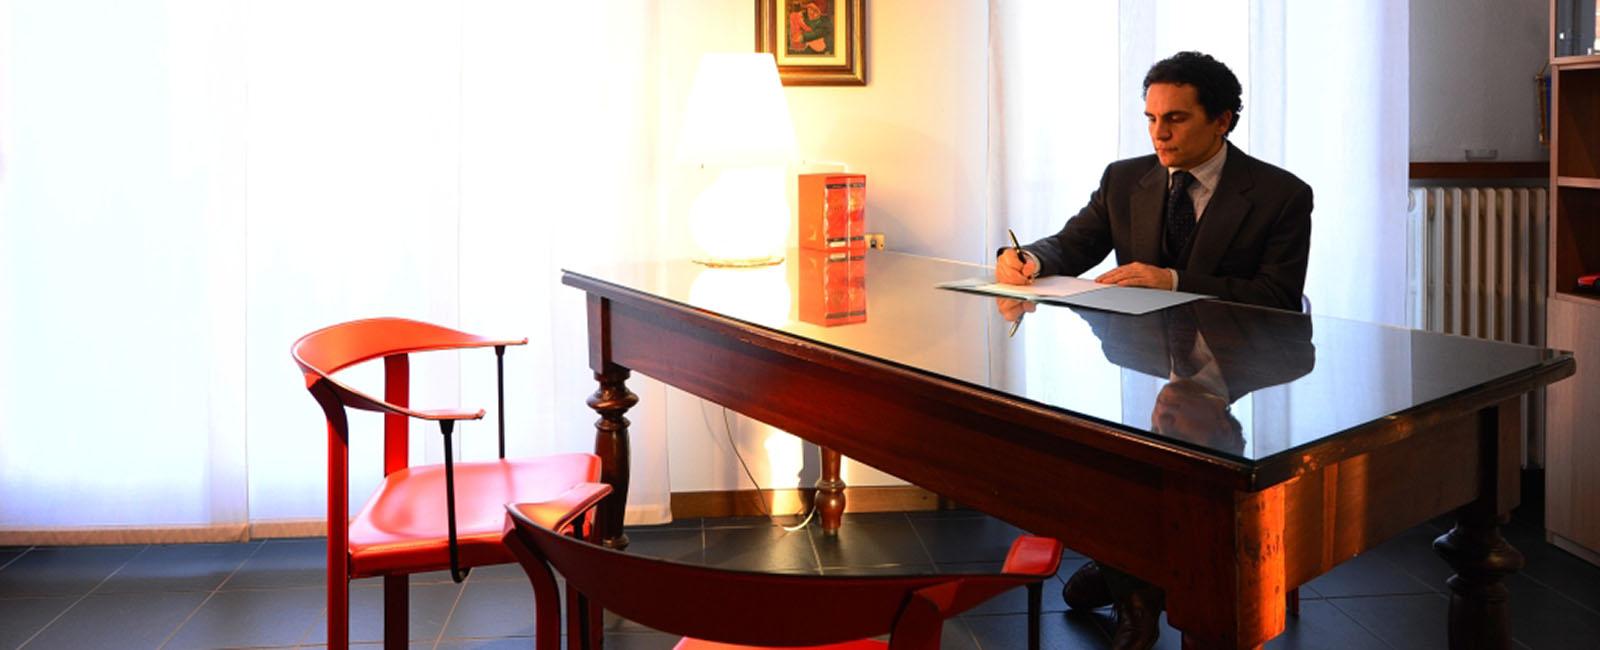 Accordo Prematrimoniale Arco Della Pace Milano - Contattaci per una consulenza